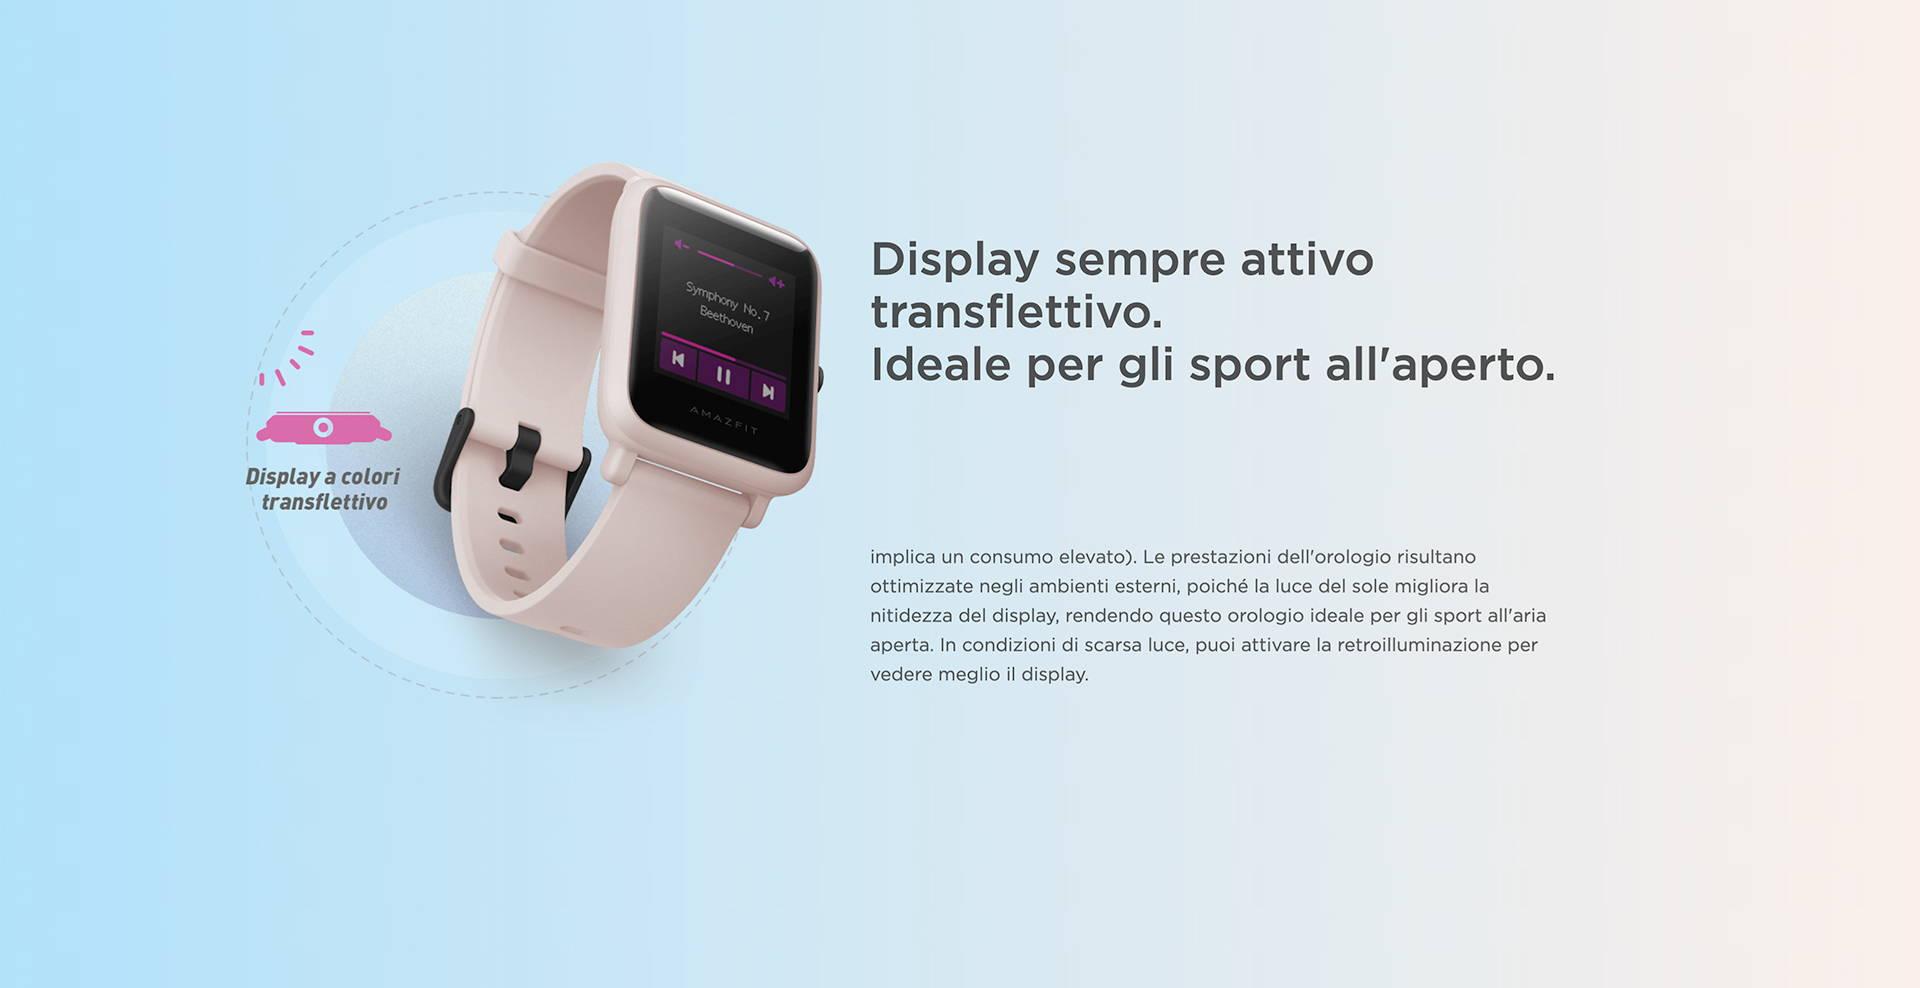 Amazfit IT - Amazfit Bip S Lite - Display sempre attivo transflettivo | Ideale per gli sport all'aperto.